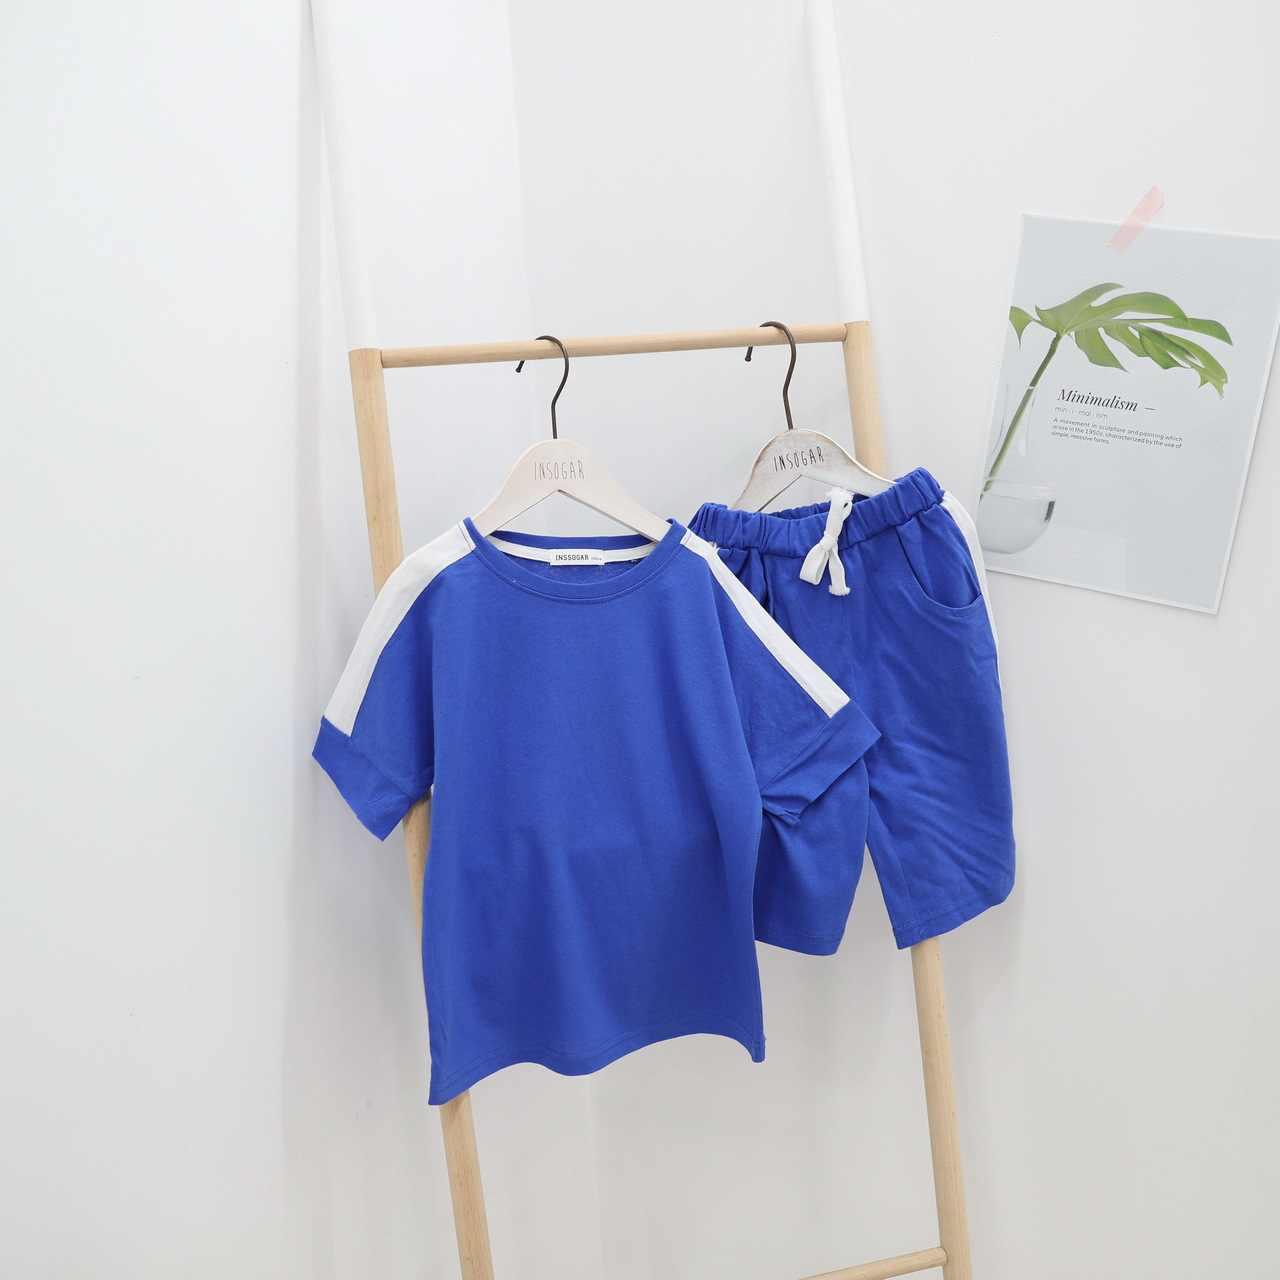 ชุดนอนฝ้ายชุดเด็กฤดูร้อนชุดเด็กหญิงแขนสั้นกางเกงขาสั้นชุดวันเกิด tee